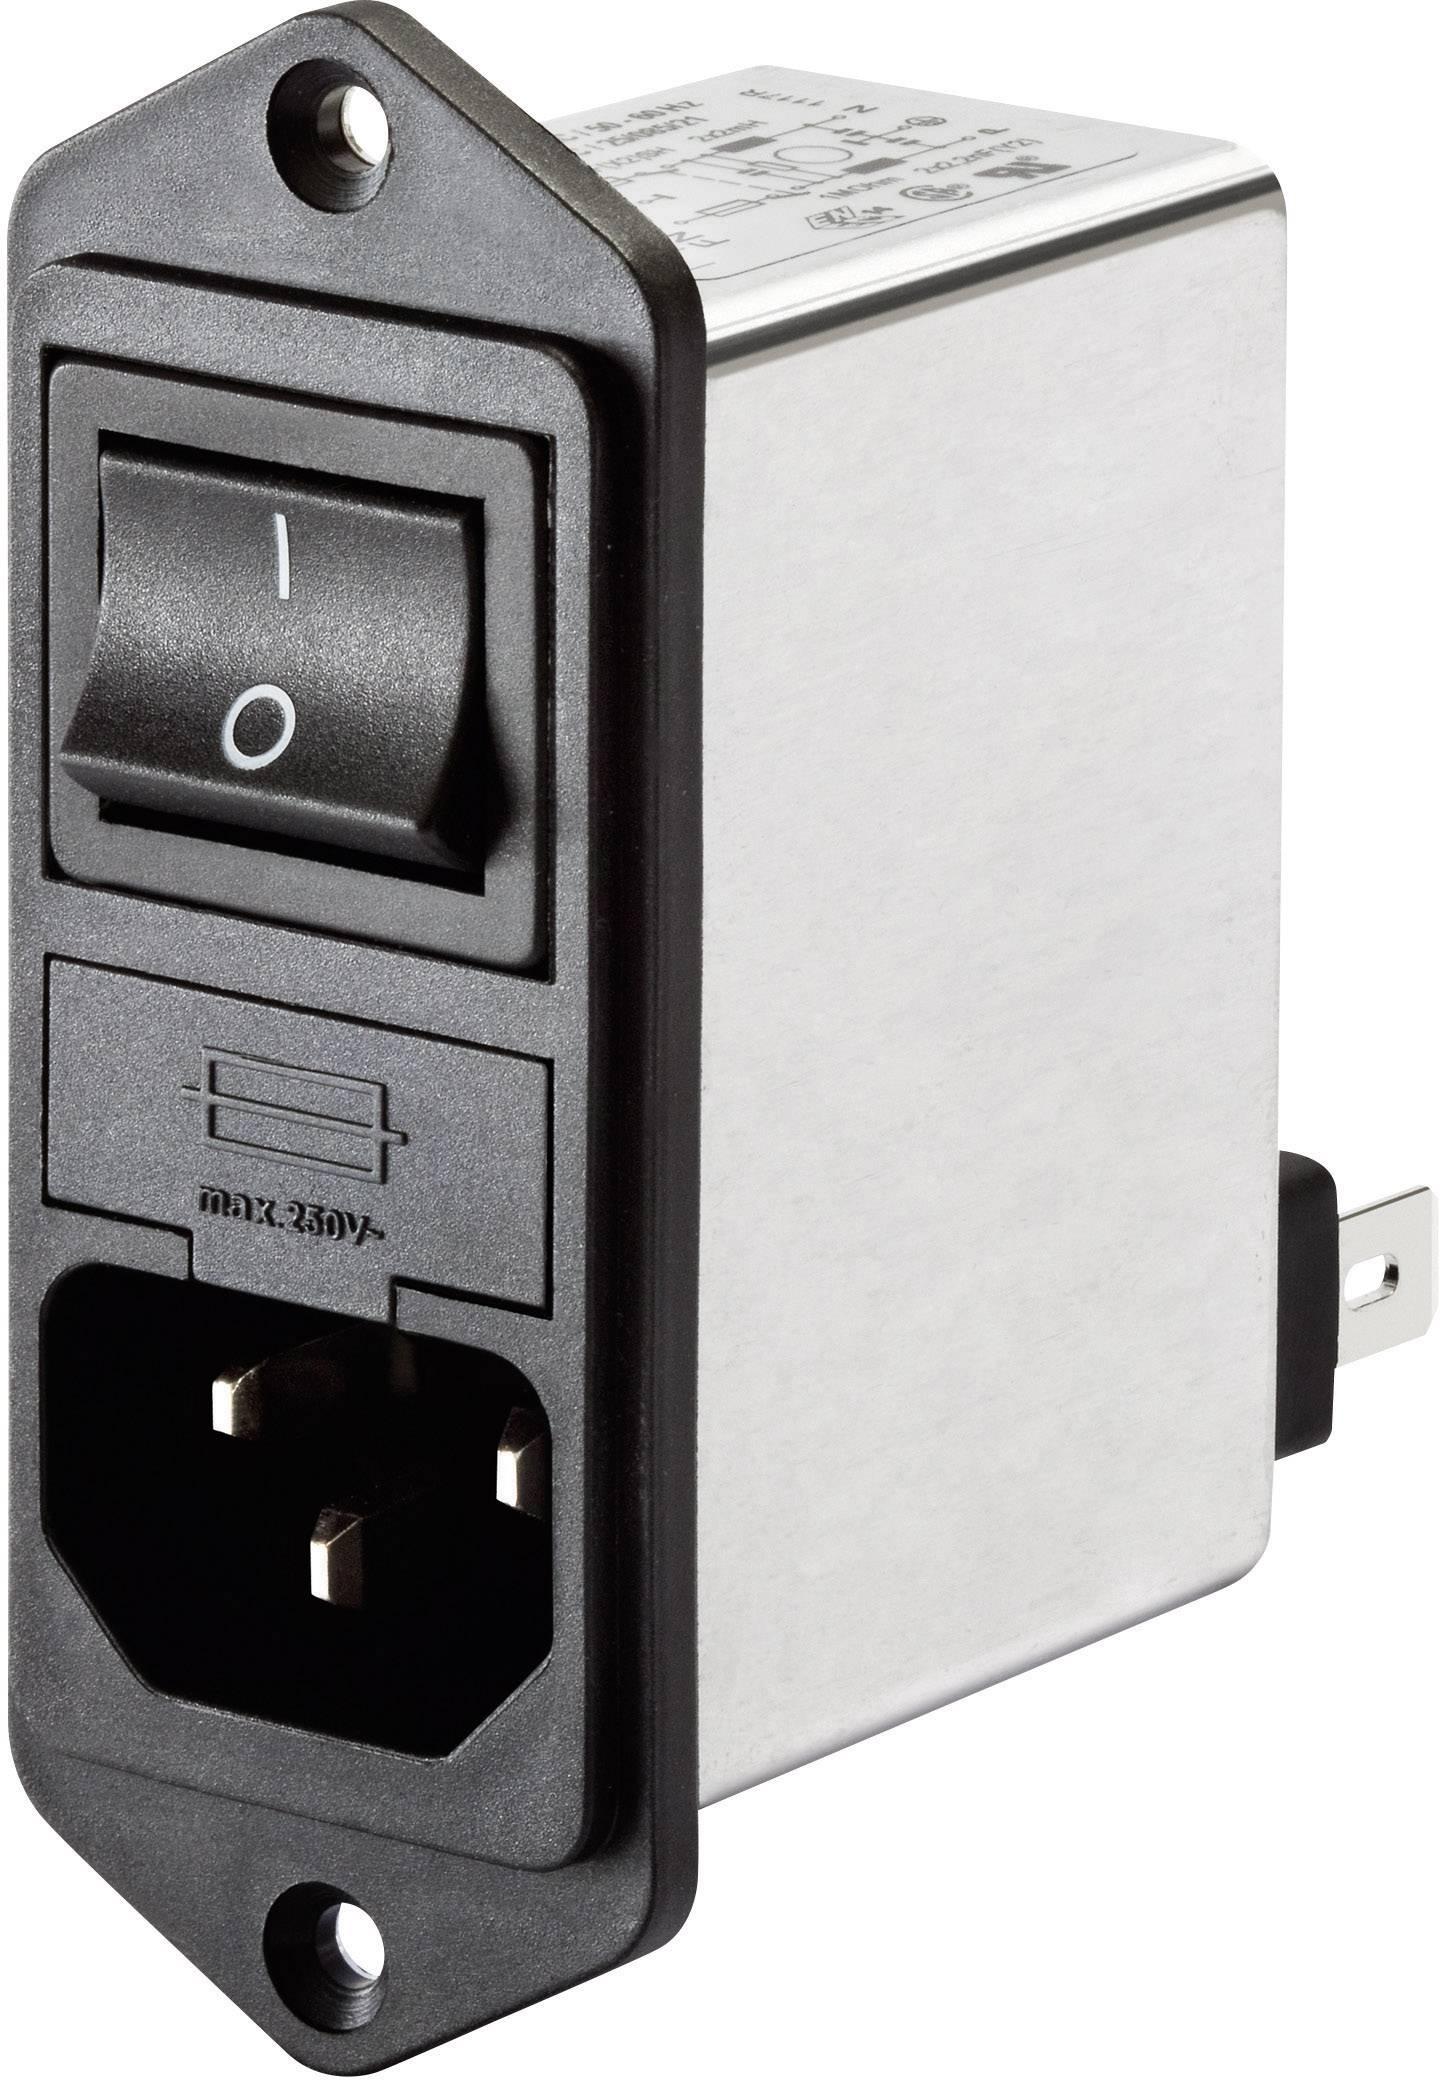 Sieťový filter Schaffner FN 281-1-06 FN 281-1-06, so spínačom, s IEC zásuvkou, 250 V/AC, 1 A, 7.5 mH, 1 ks